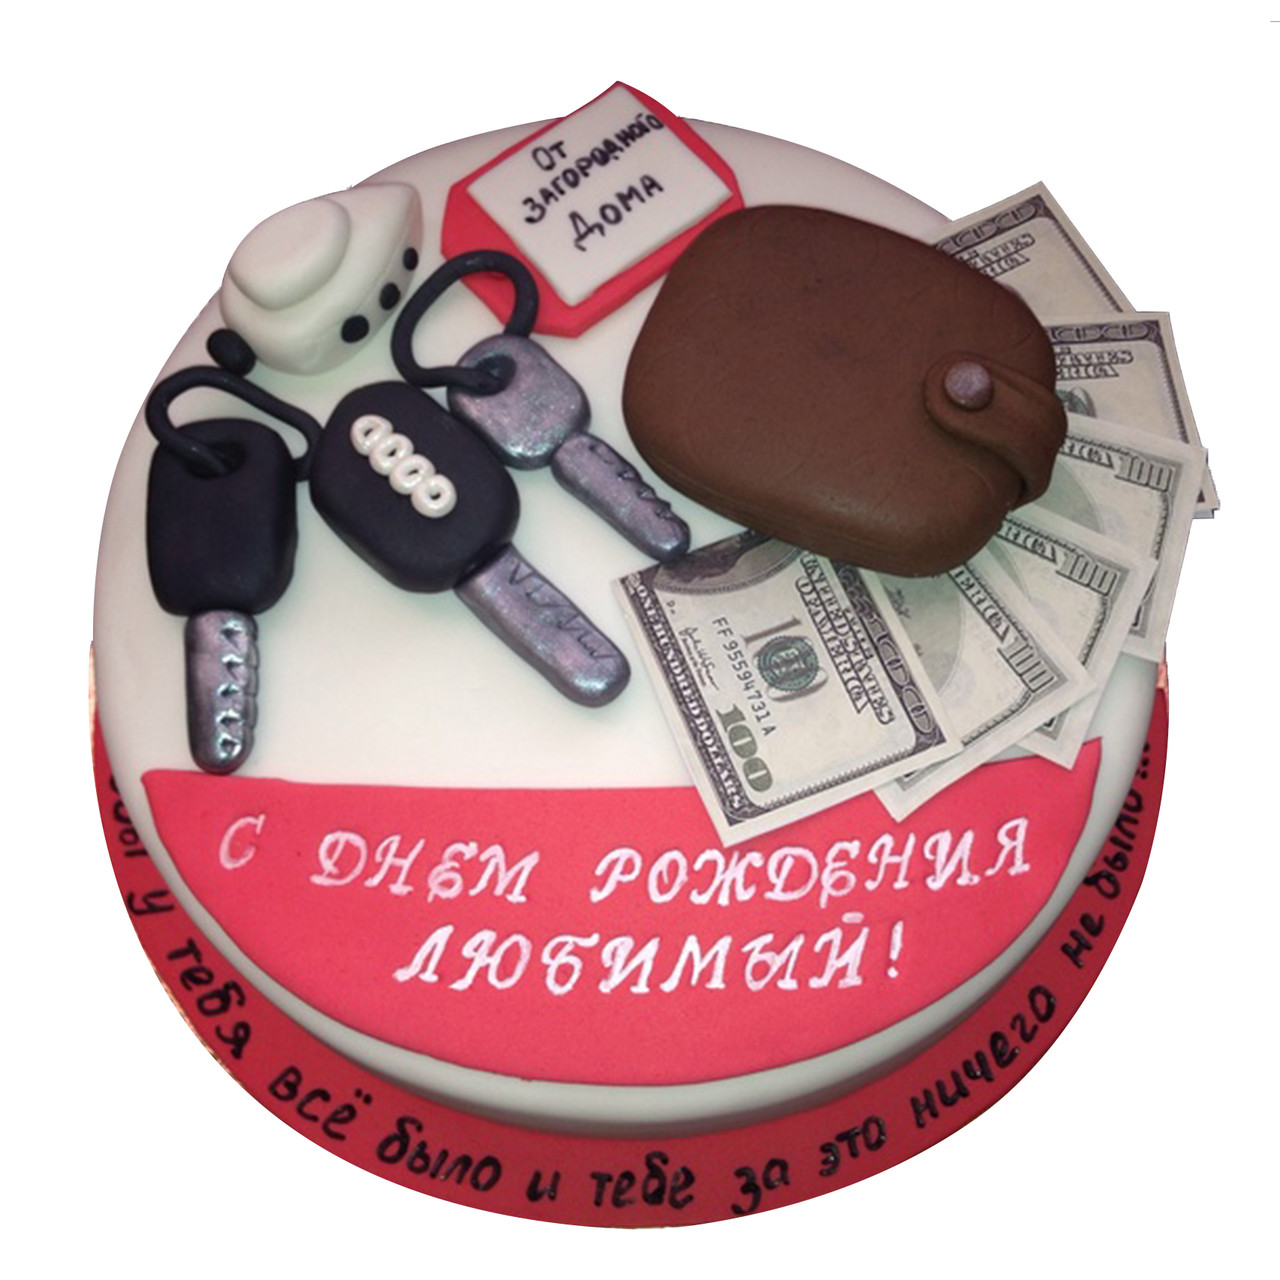 самое торт любимому мужу на день рождения картинки тут всего